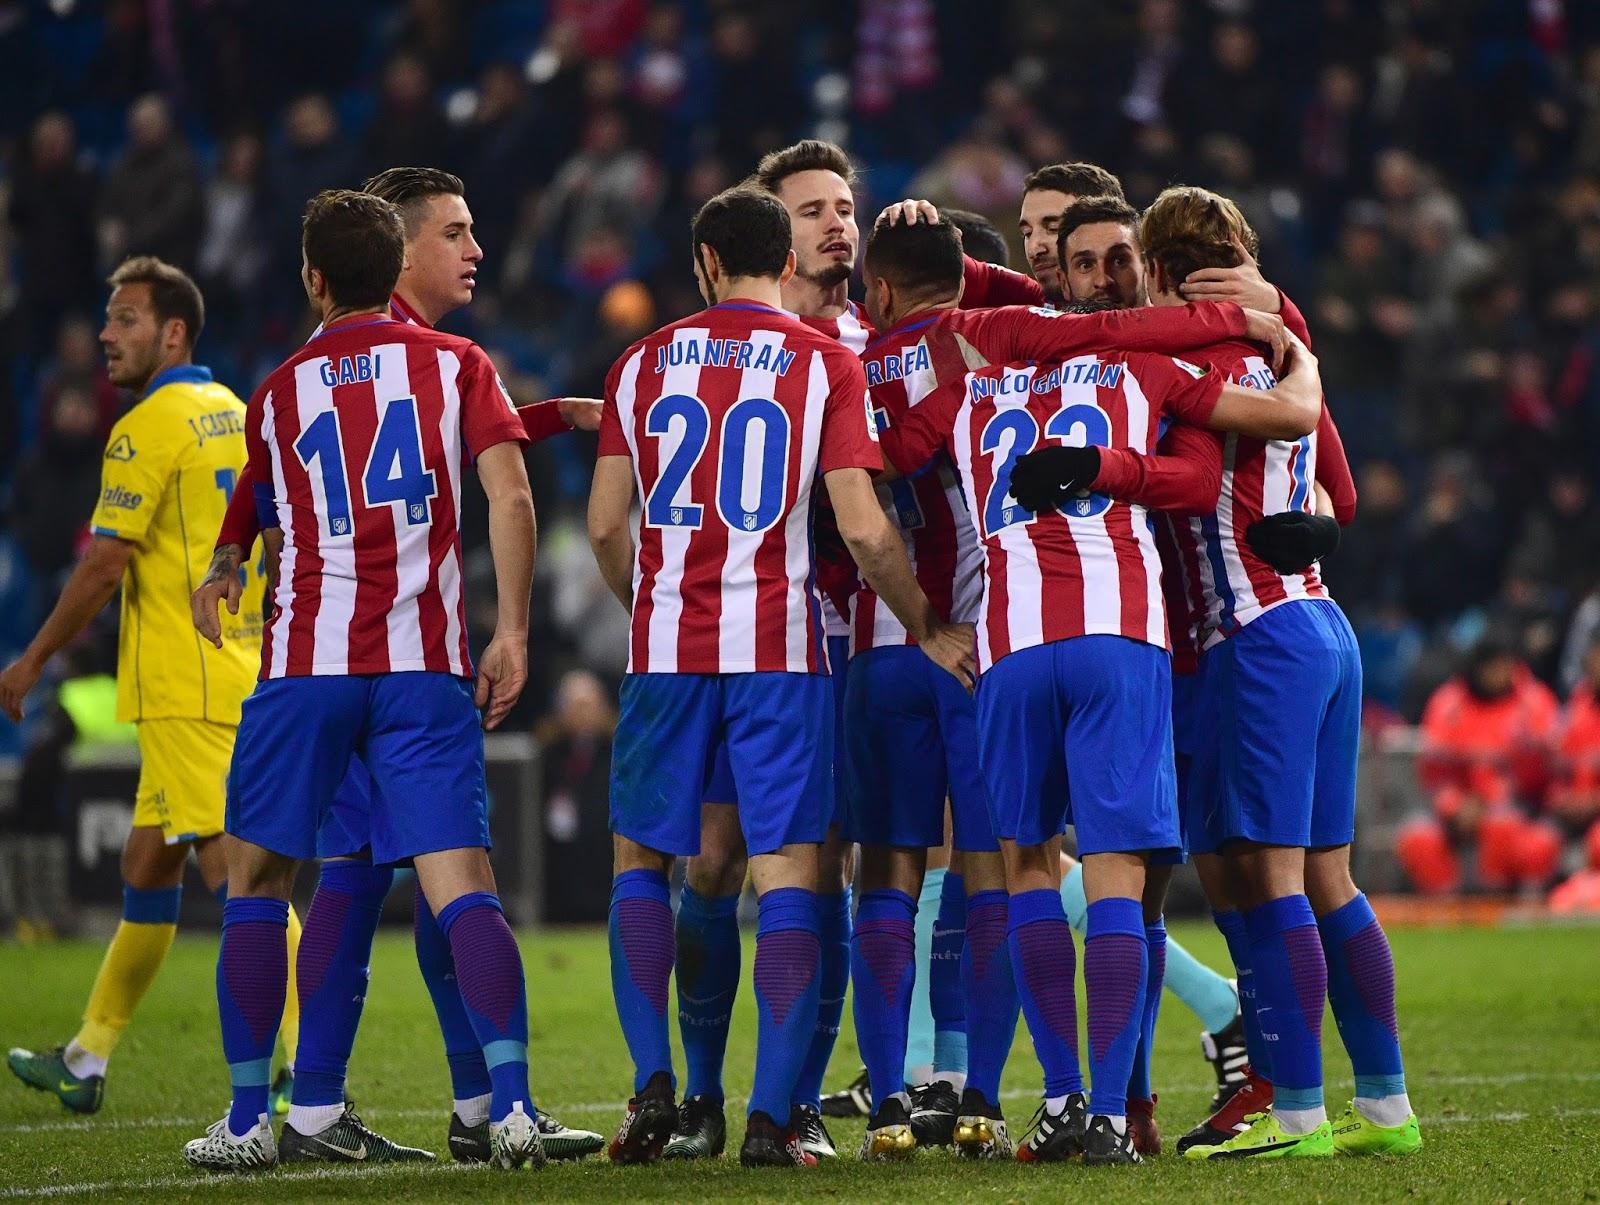 Apesar da vitória dos Las Palmas, o Atlético de Madrid avançou para as quartas de final (Foto: Pierre-Philippe Marcou/AFP)